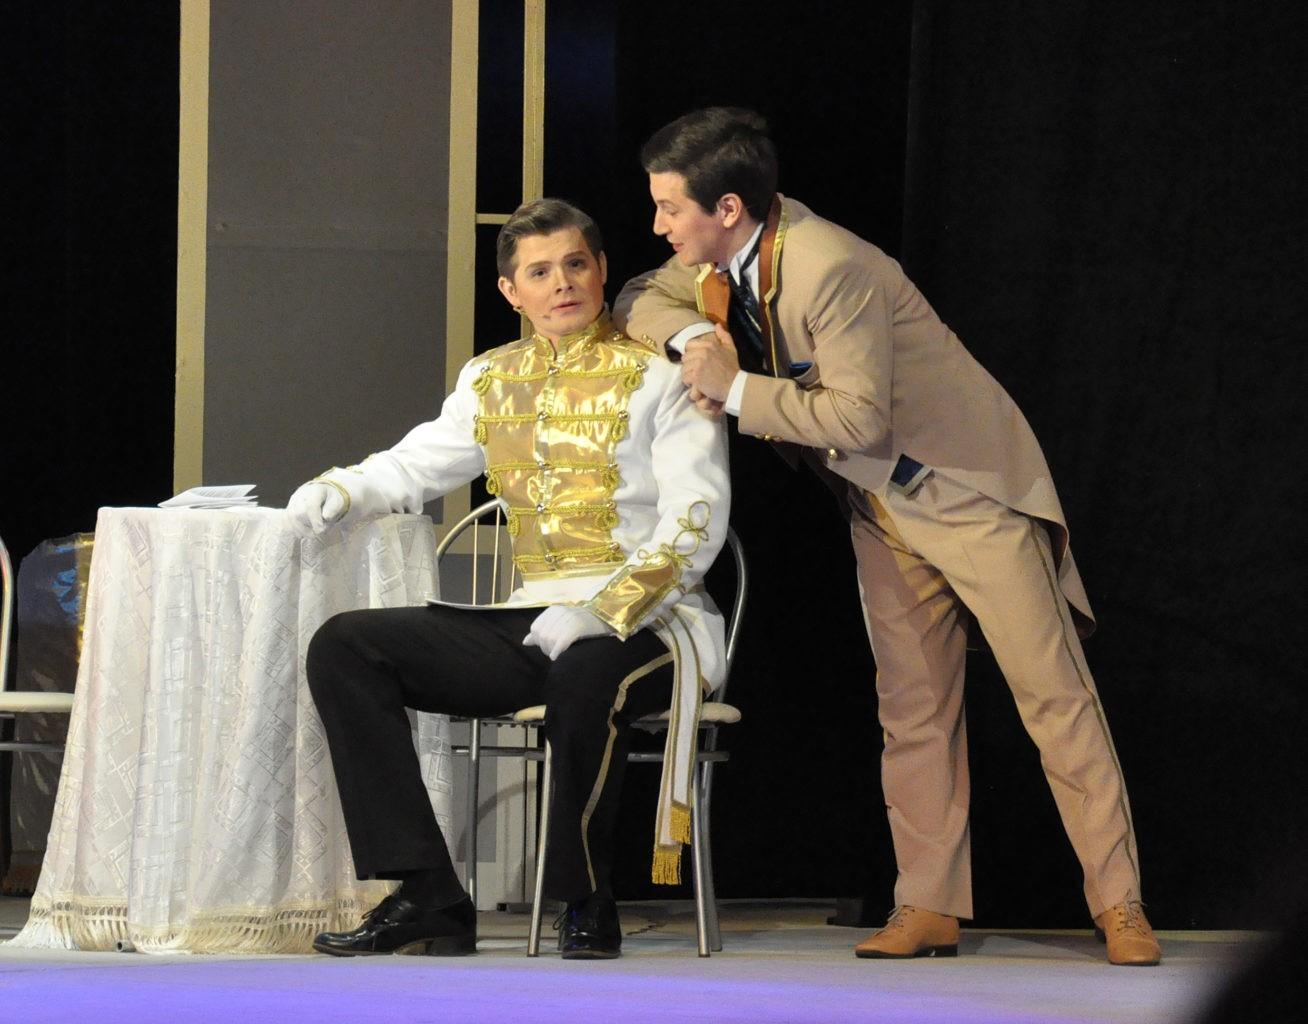 В. Жуков и В. Соболев (спектакль «Сильва»): фотография